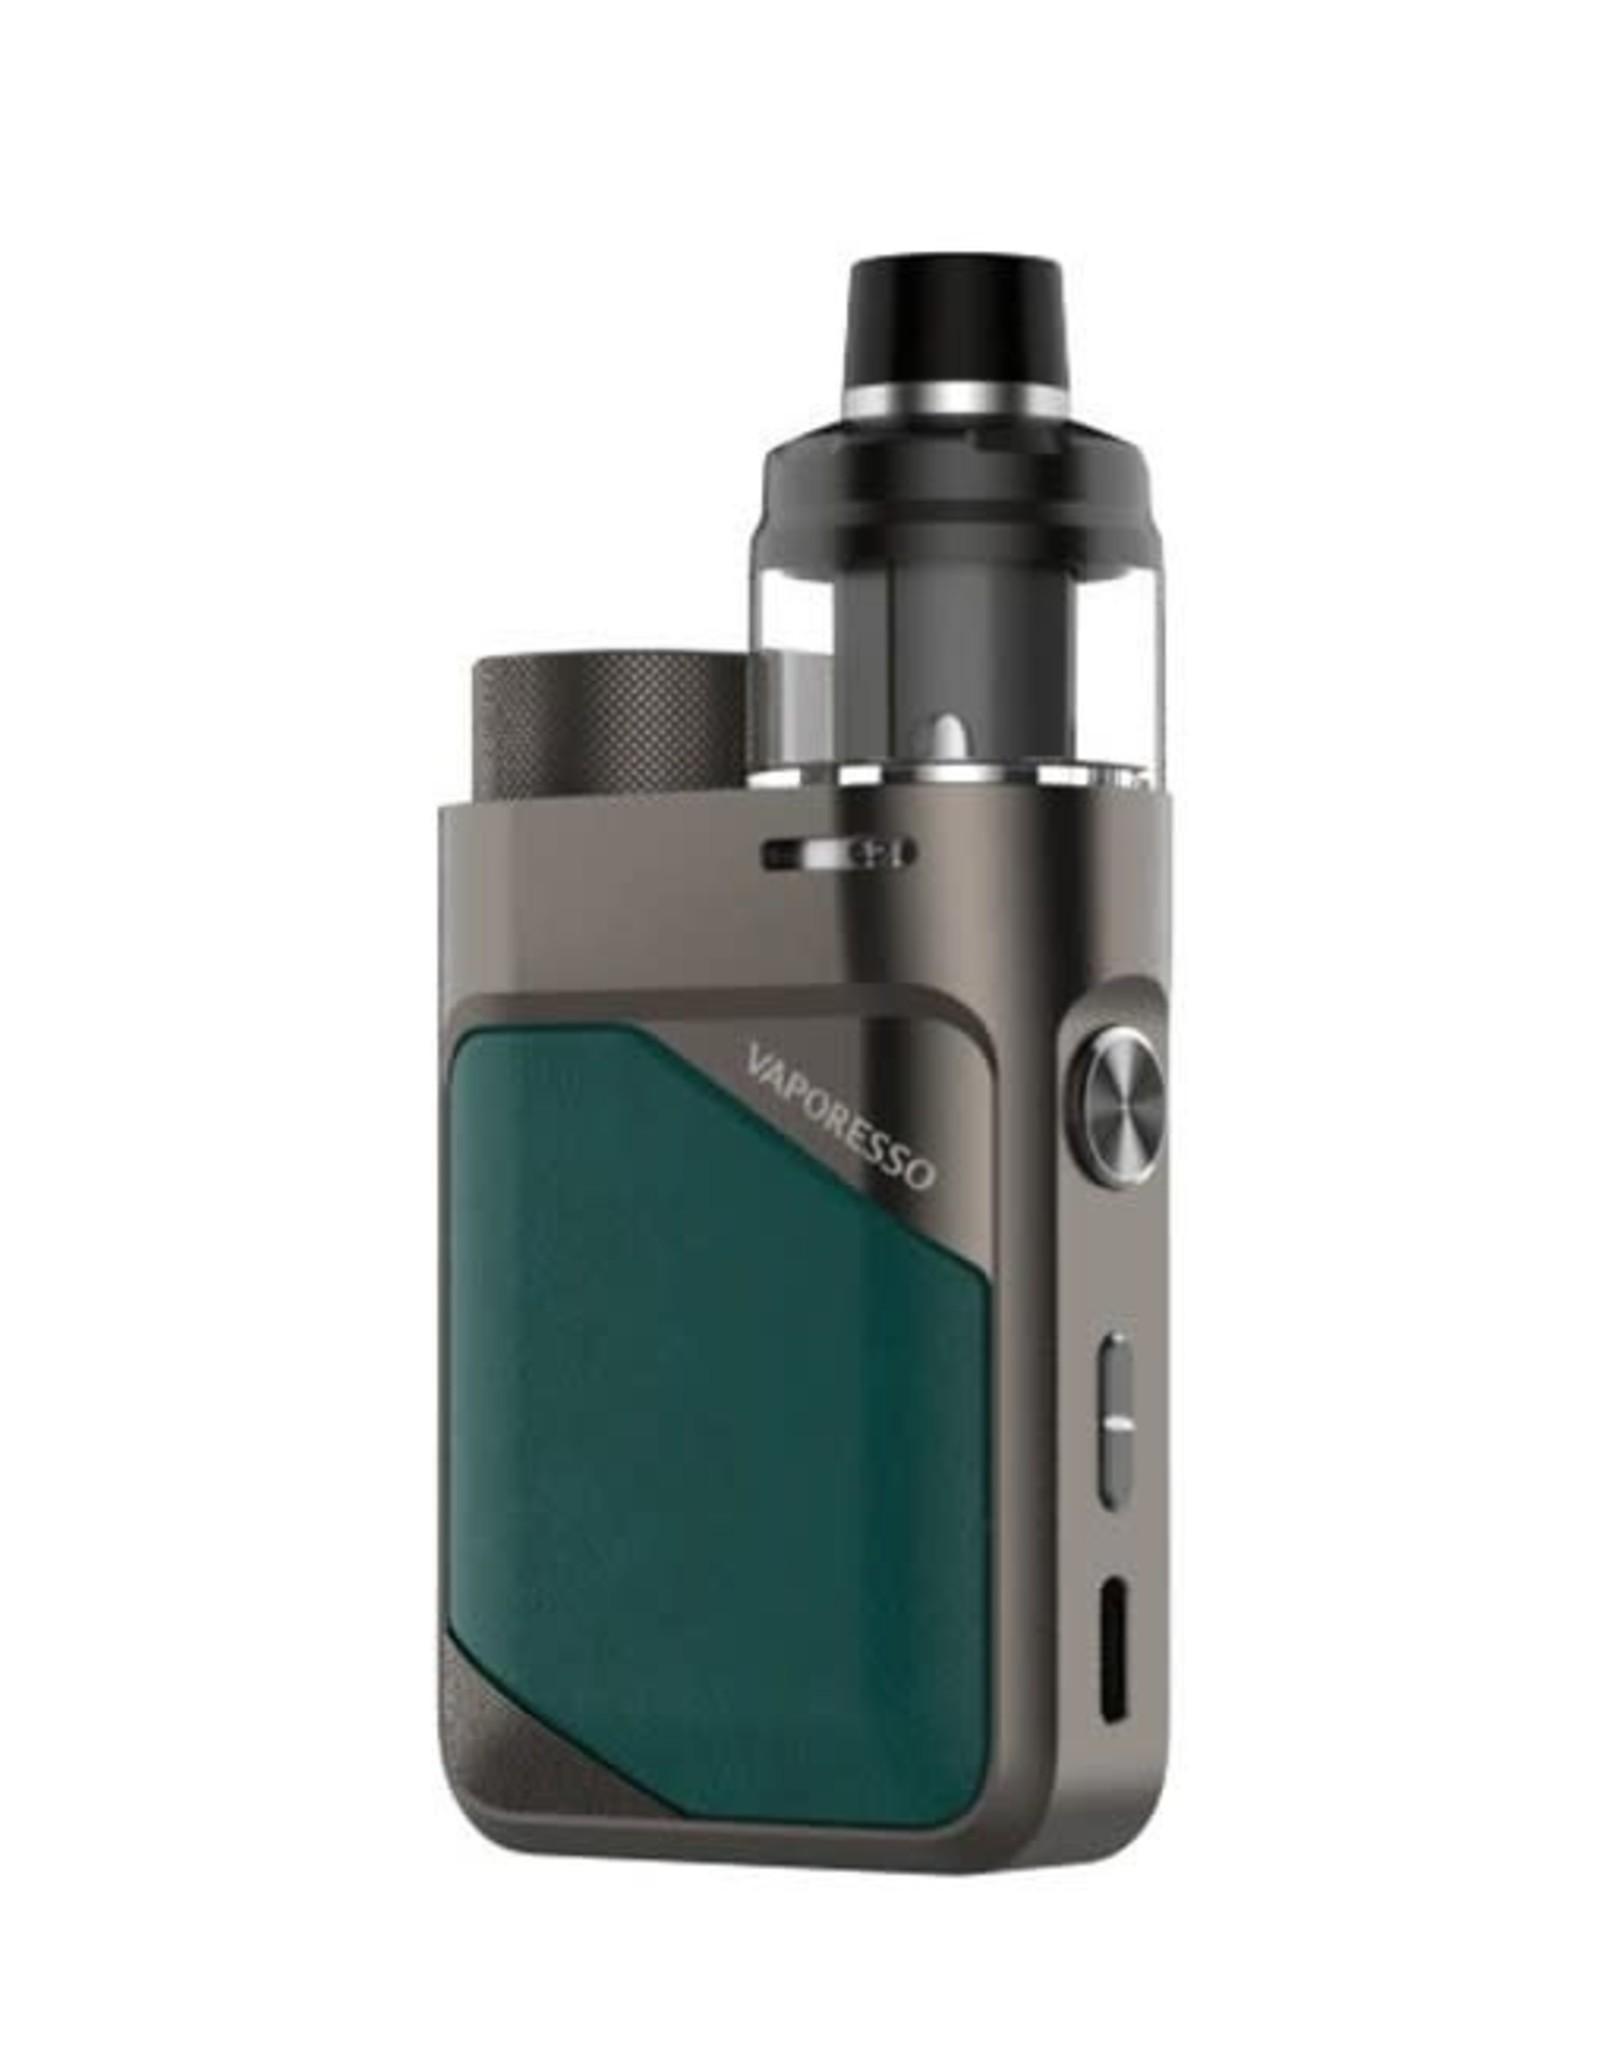 Vaporesso Vaporesso SWAG PX80 Kit